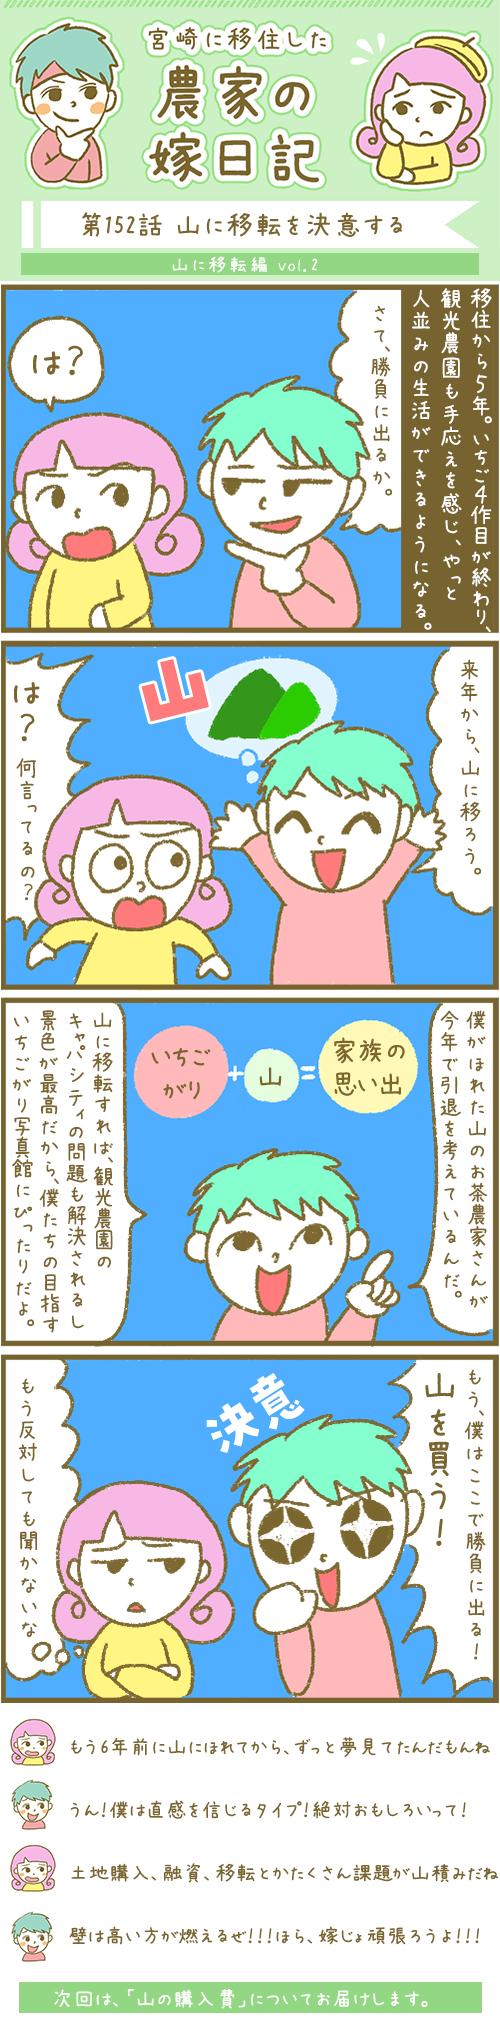 漫画第152話